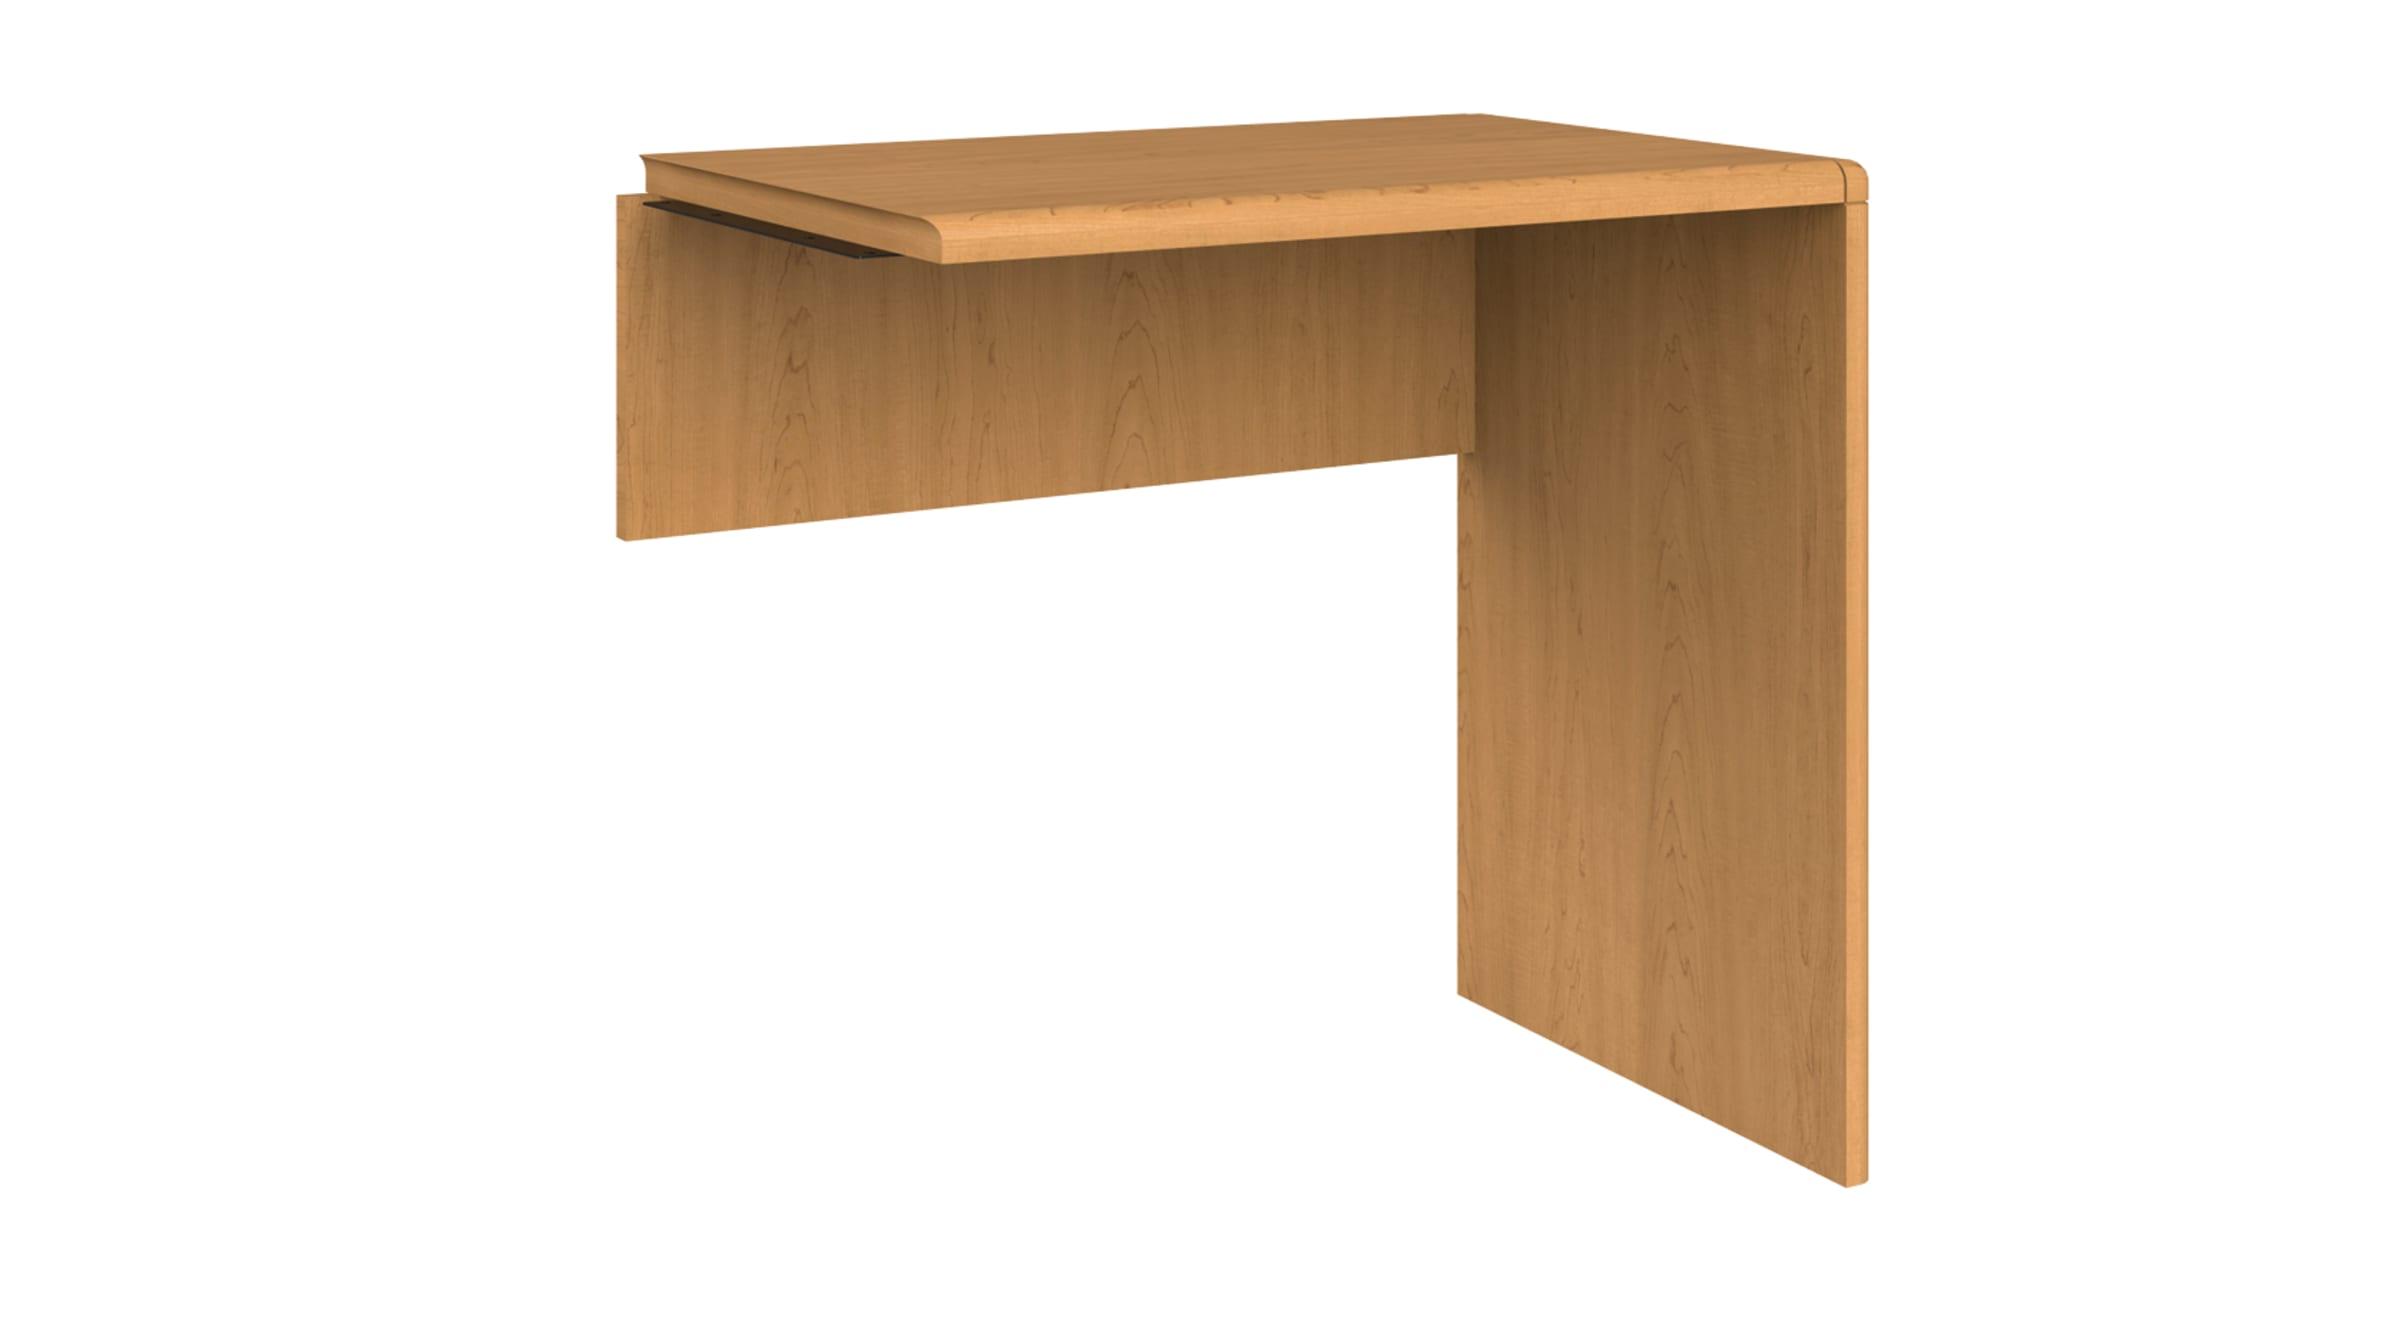 H107270x Cc Hon Office Furniture